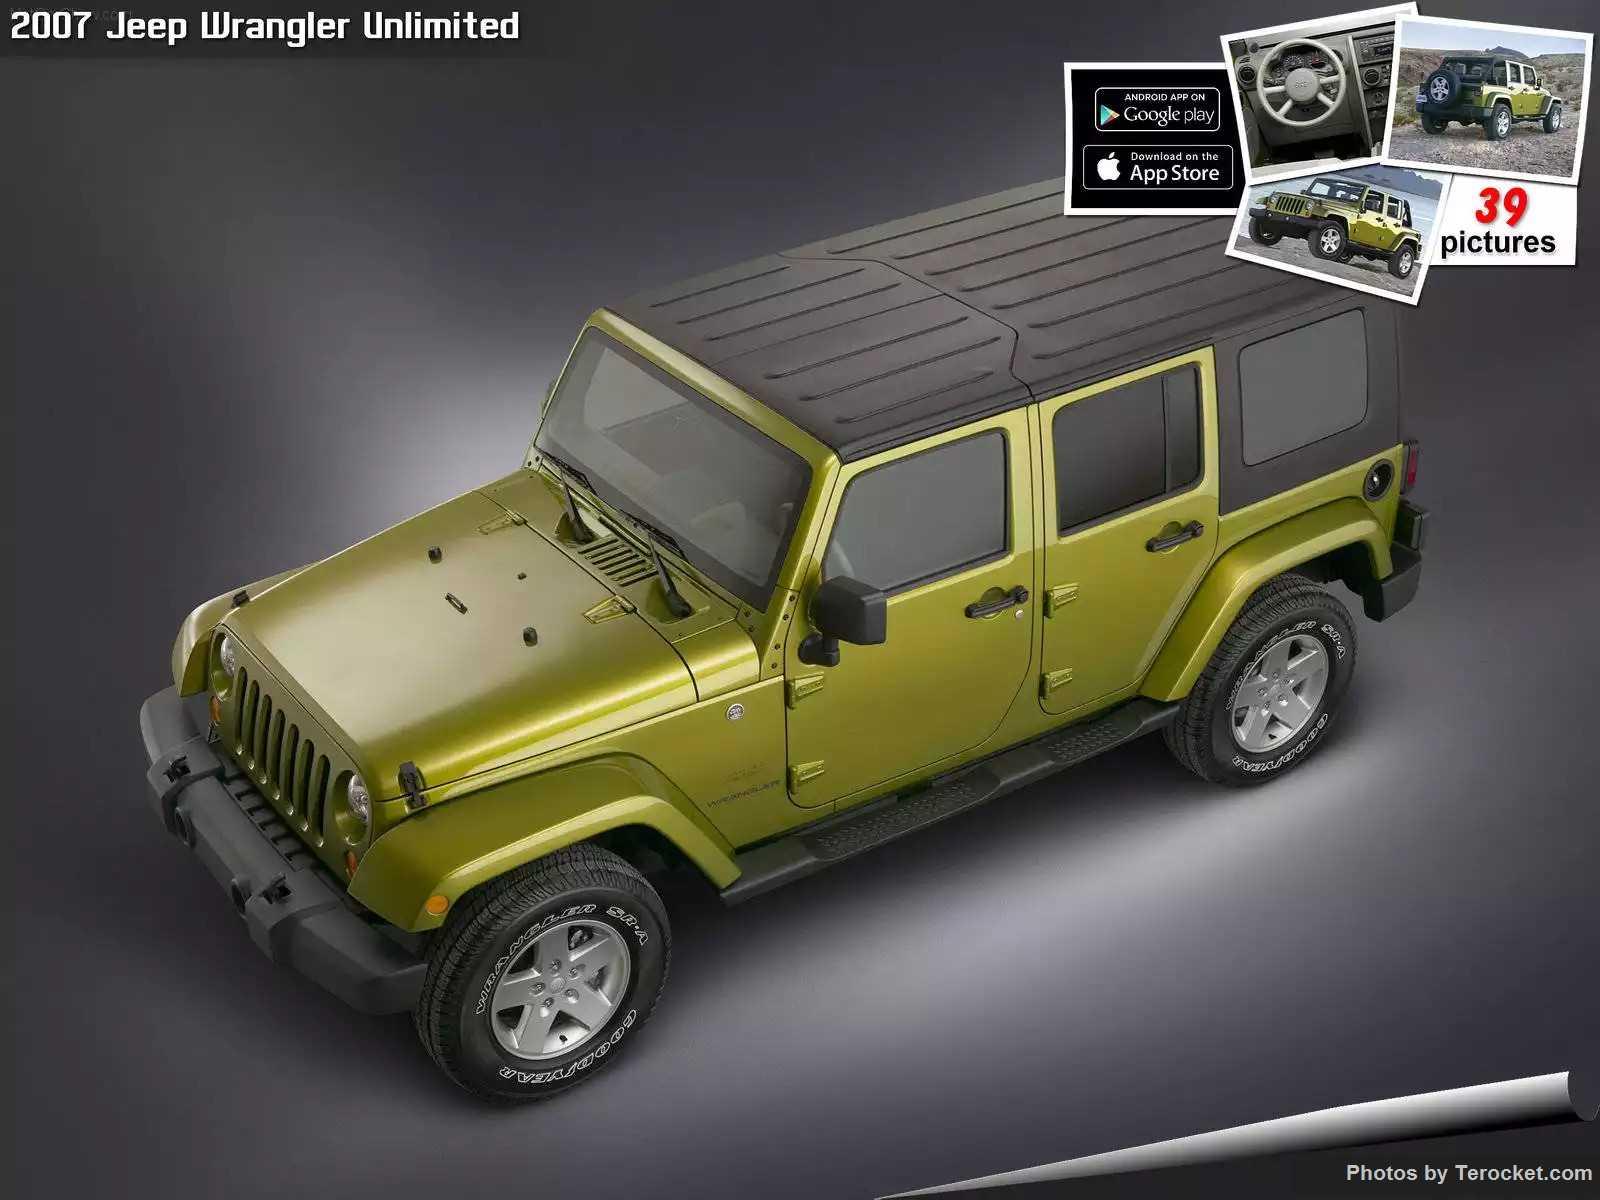 Hình ảnh xe ô tô Jeep Wrangler Unlimited 2007 & nội ngoại thất